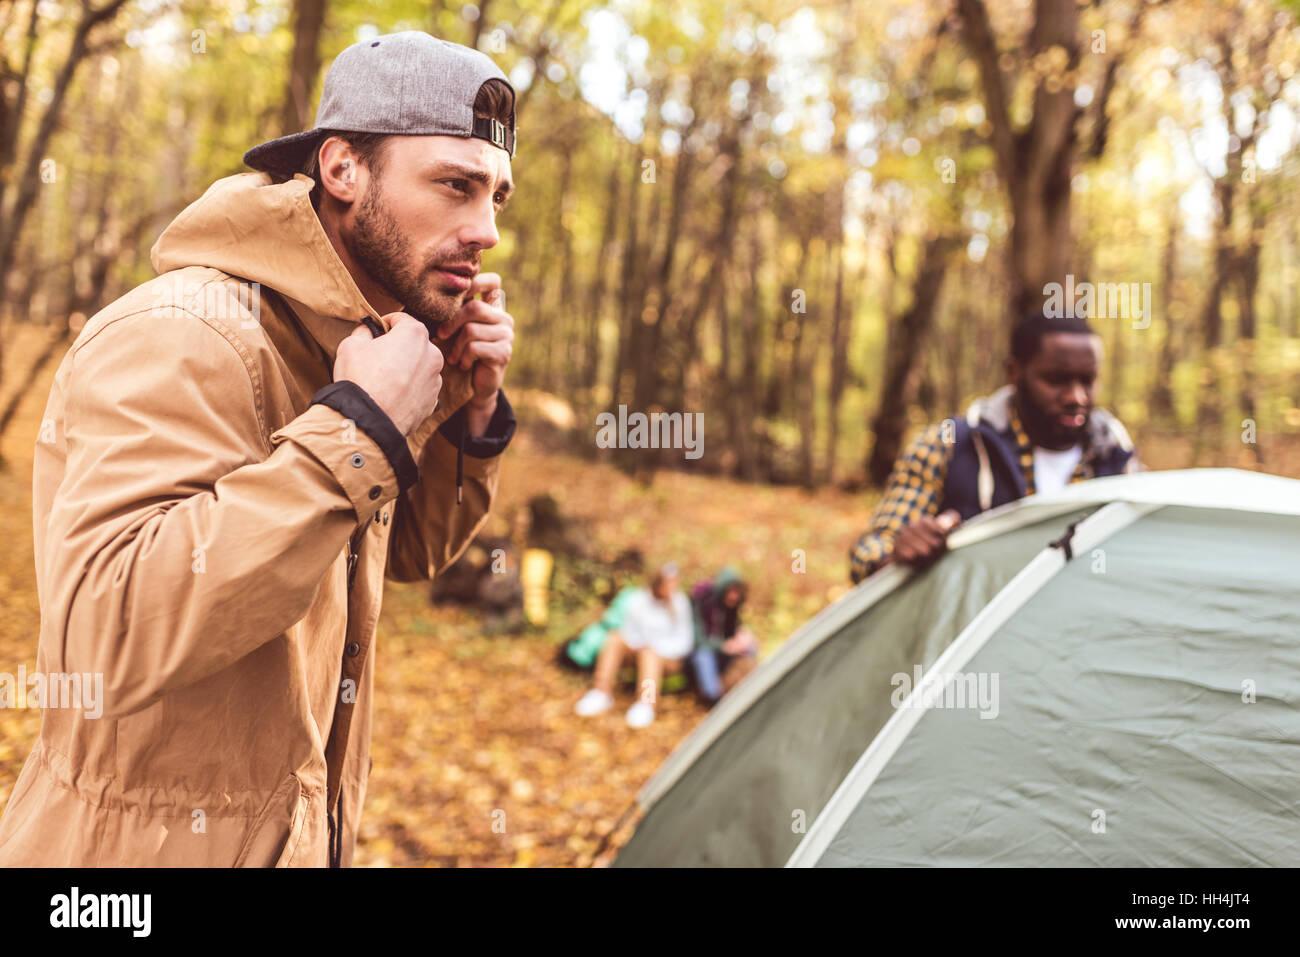 Les jeunes hommes tente de tangage en forêt d'automne avec l'arrière-plan in trouble Photo Stock